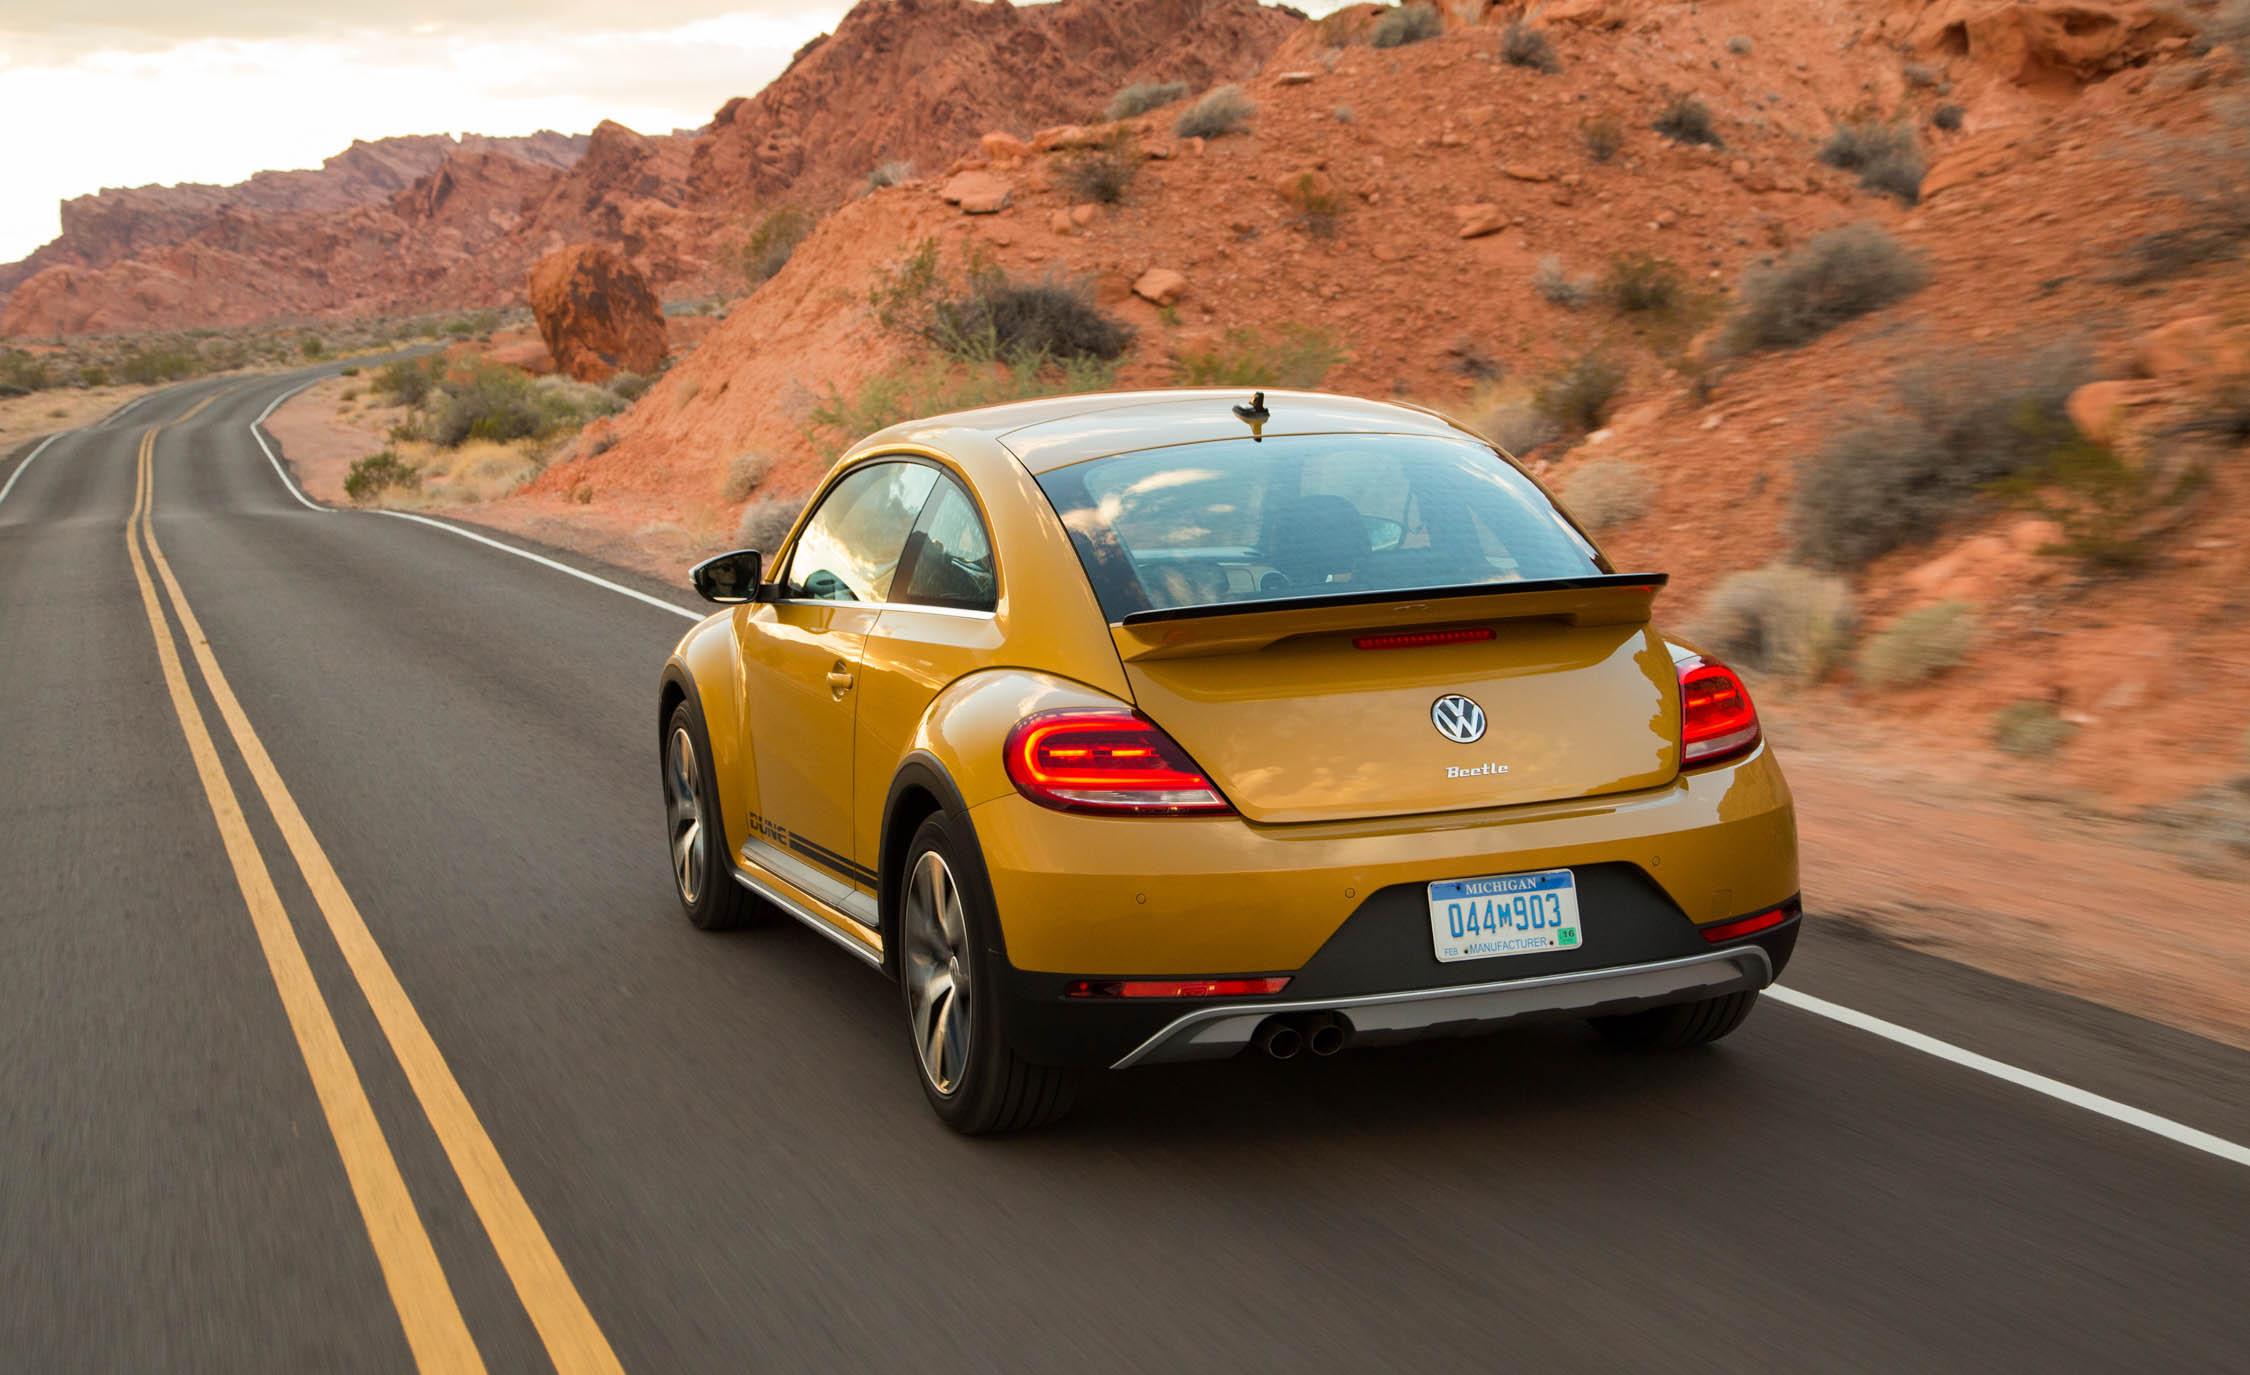 2016 Volkswagen Beetle Dune Test Rear View (View 12 of 32)